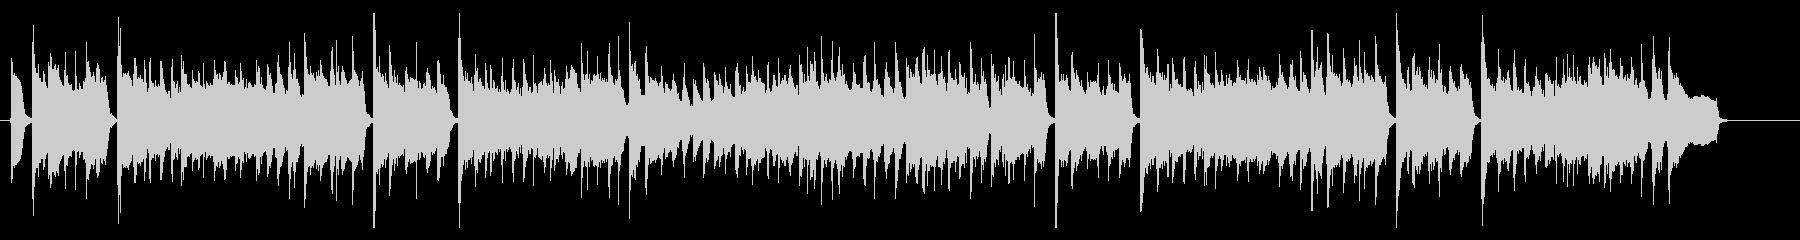 アコギの日常系BGMの未再生の波形